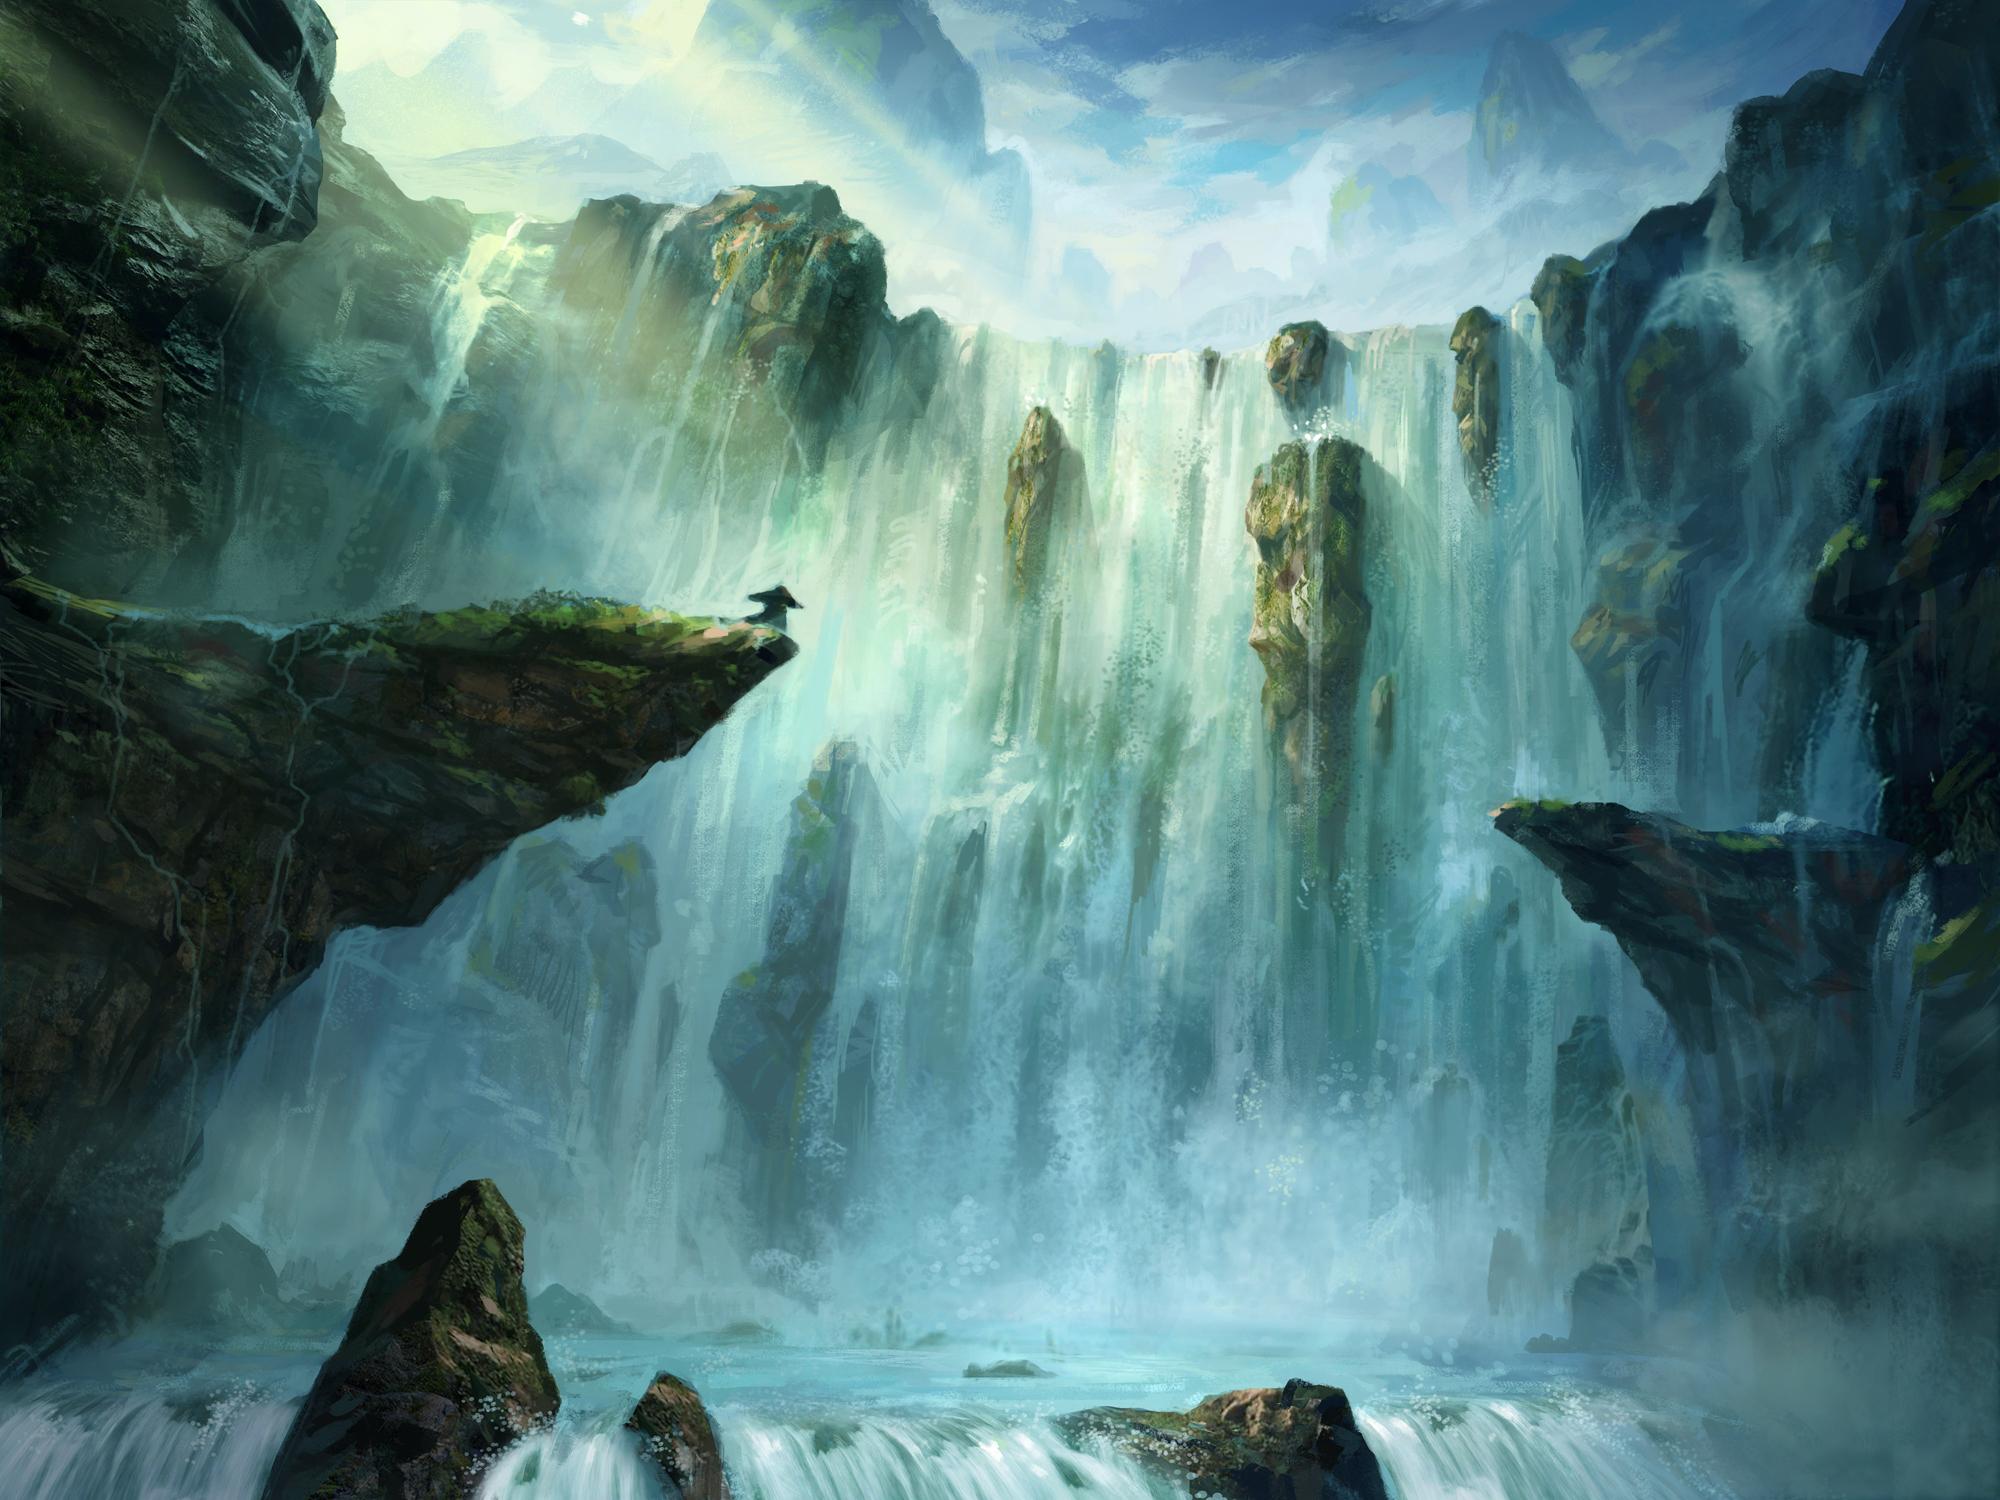 壁纸 风景 旅游 瀑布 山水 桌面 2000_1500